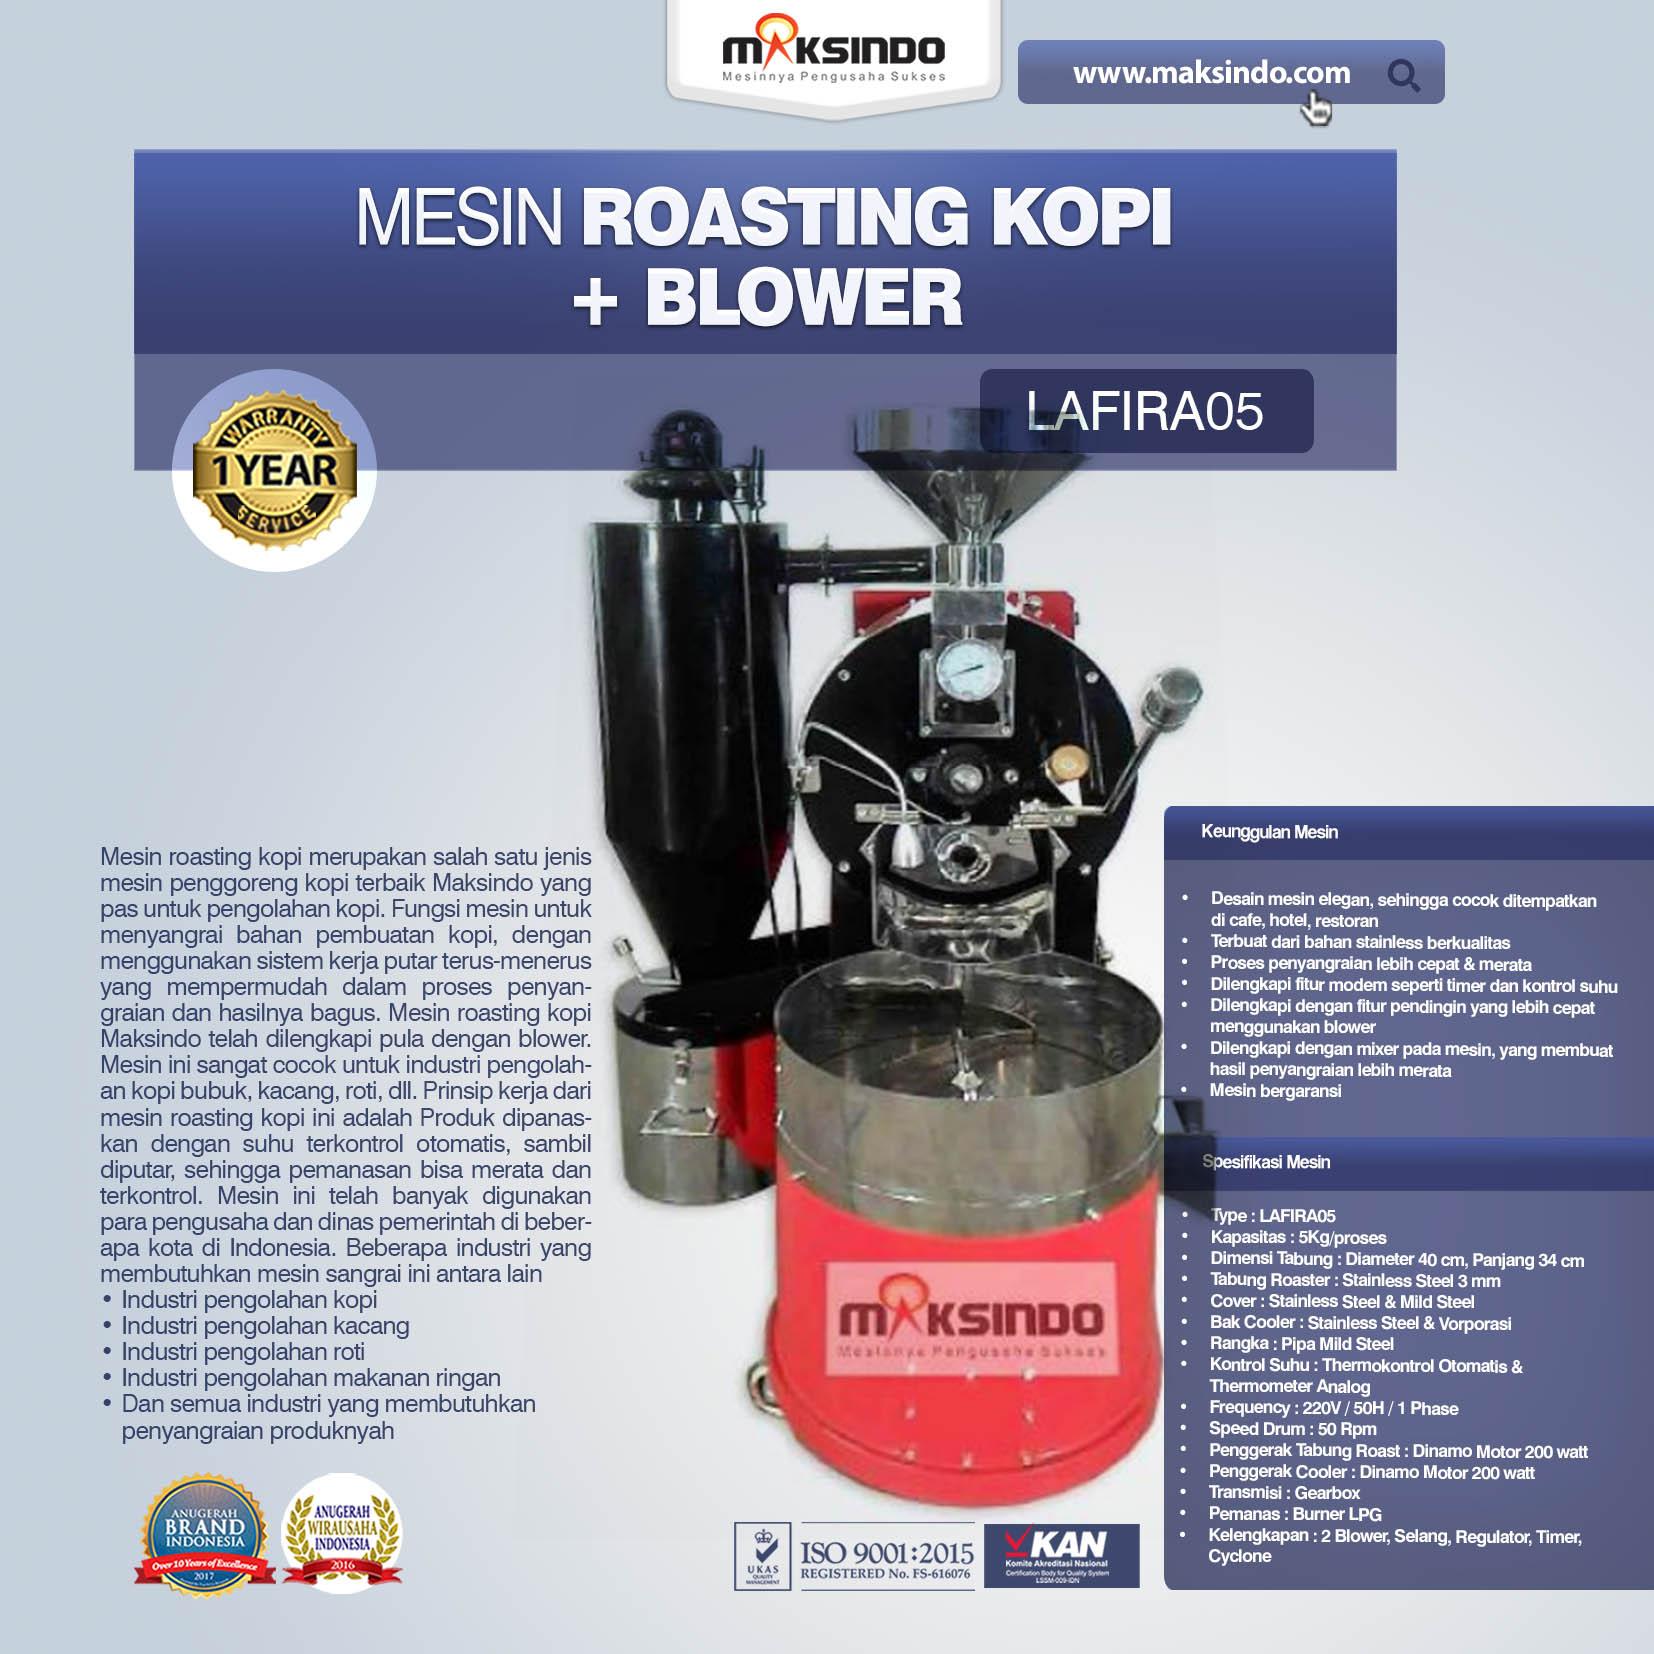 Jual Mesin Roasting Kopi + Blower LAFIRA05 di Palembang